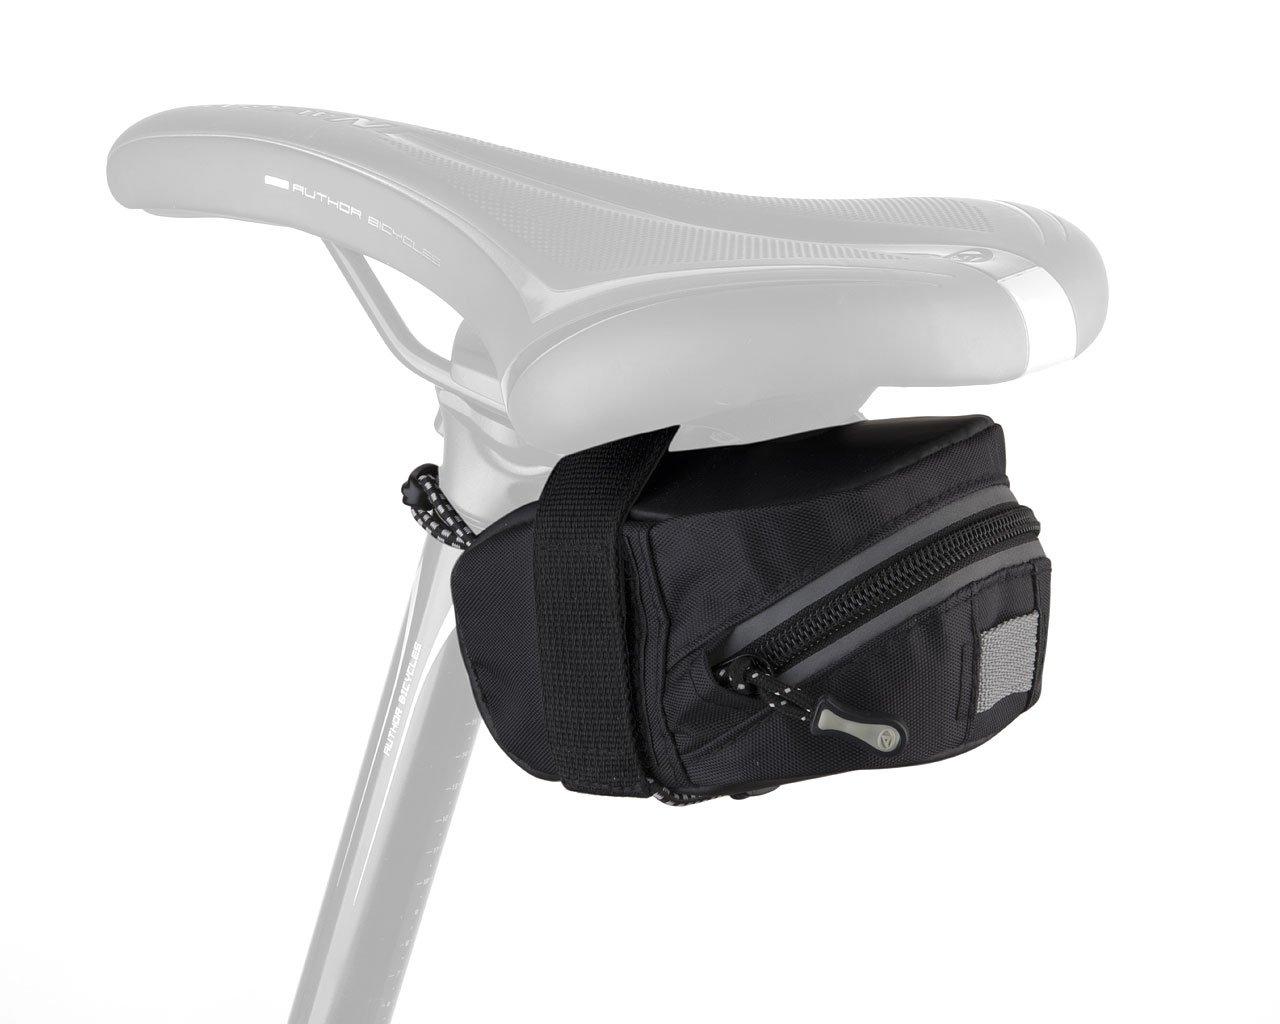 Велосипедный подсумок подрамный AUTHOR A-S381 TPN X7, 1 отдел, объем 0.9л., черный, 8-15002129